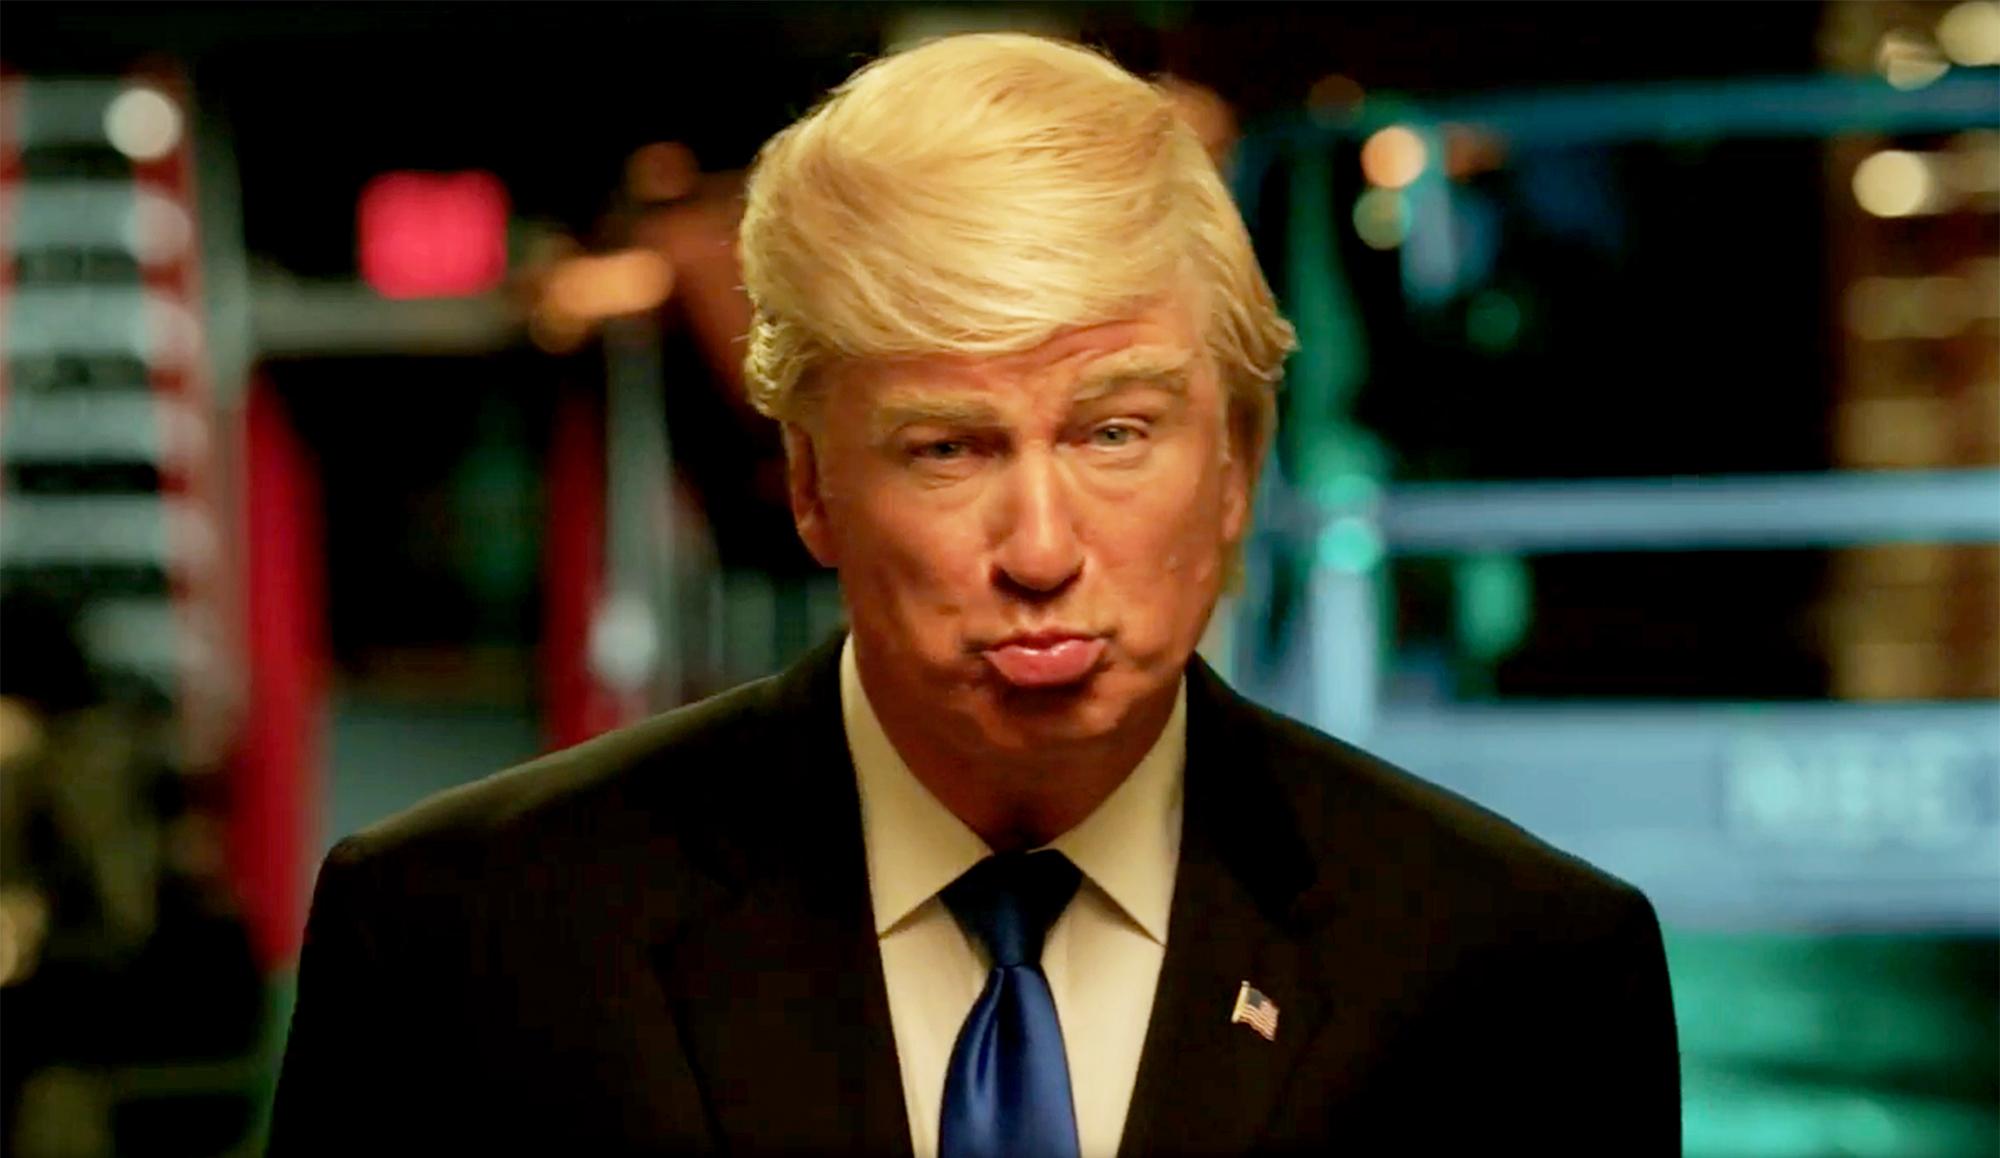 Alec Baldwin To Play Donald Trump On SNL